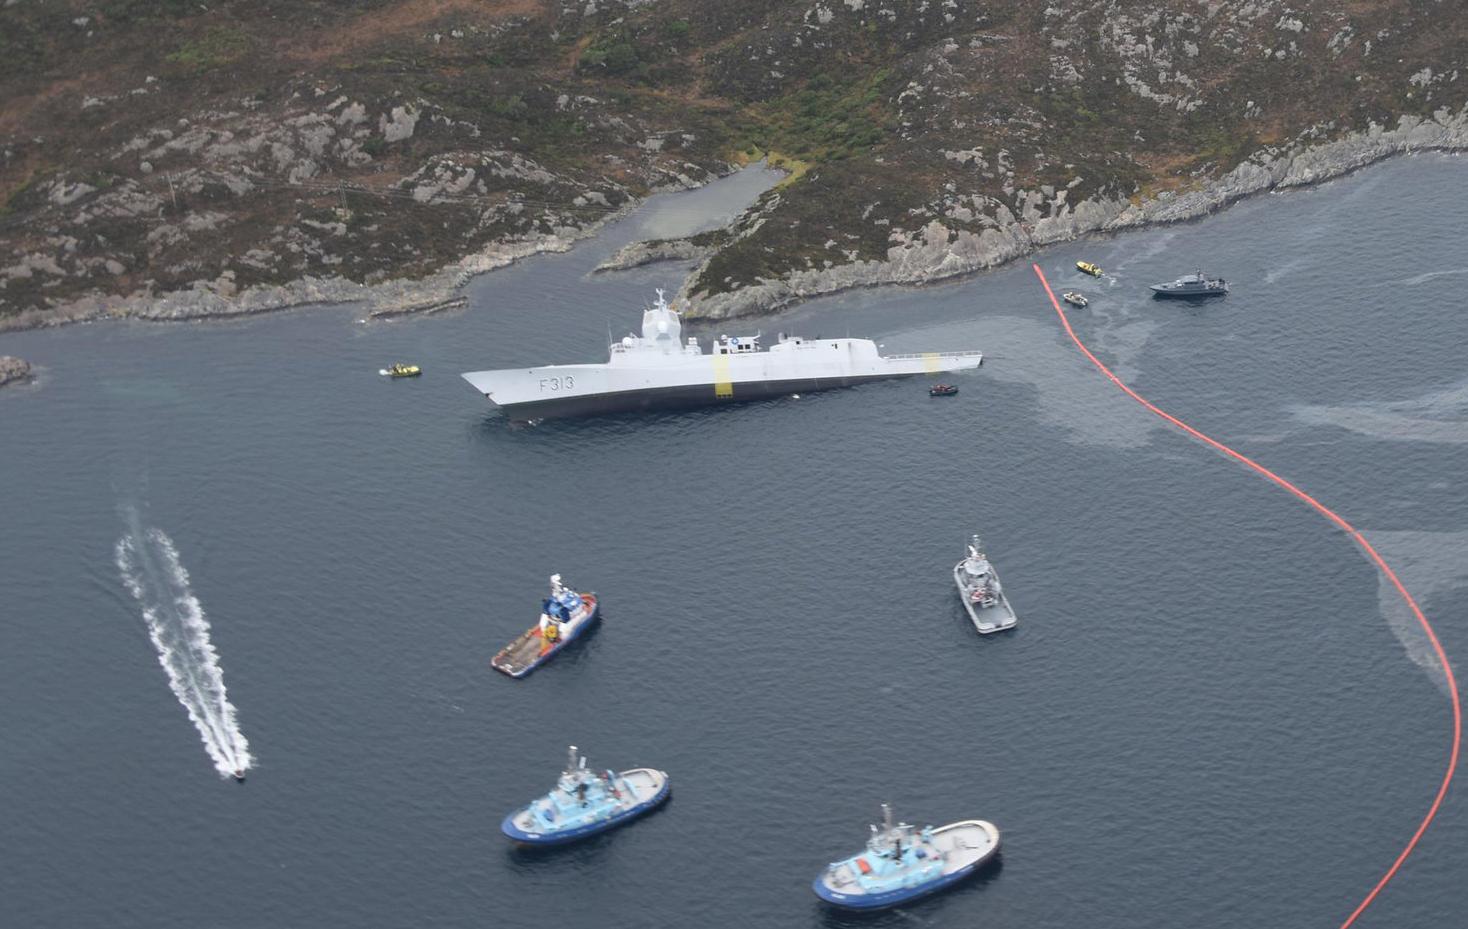 DYR ULYKKE: I tillegg til prisen på reparasjon, heving og skipet i seg selv, kommer nå millionkrav fra både kommune og Kystverket.